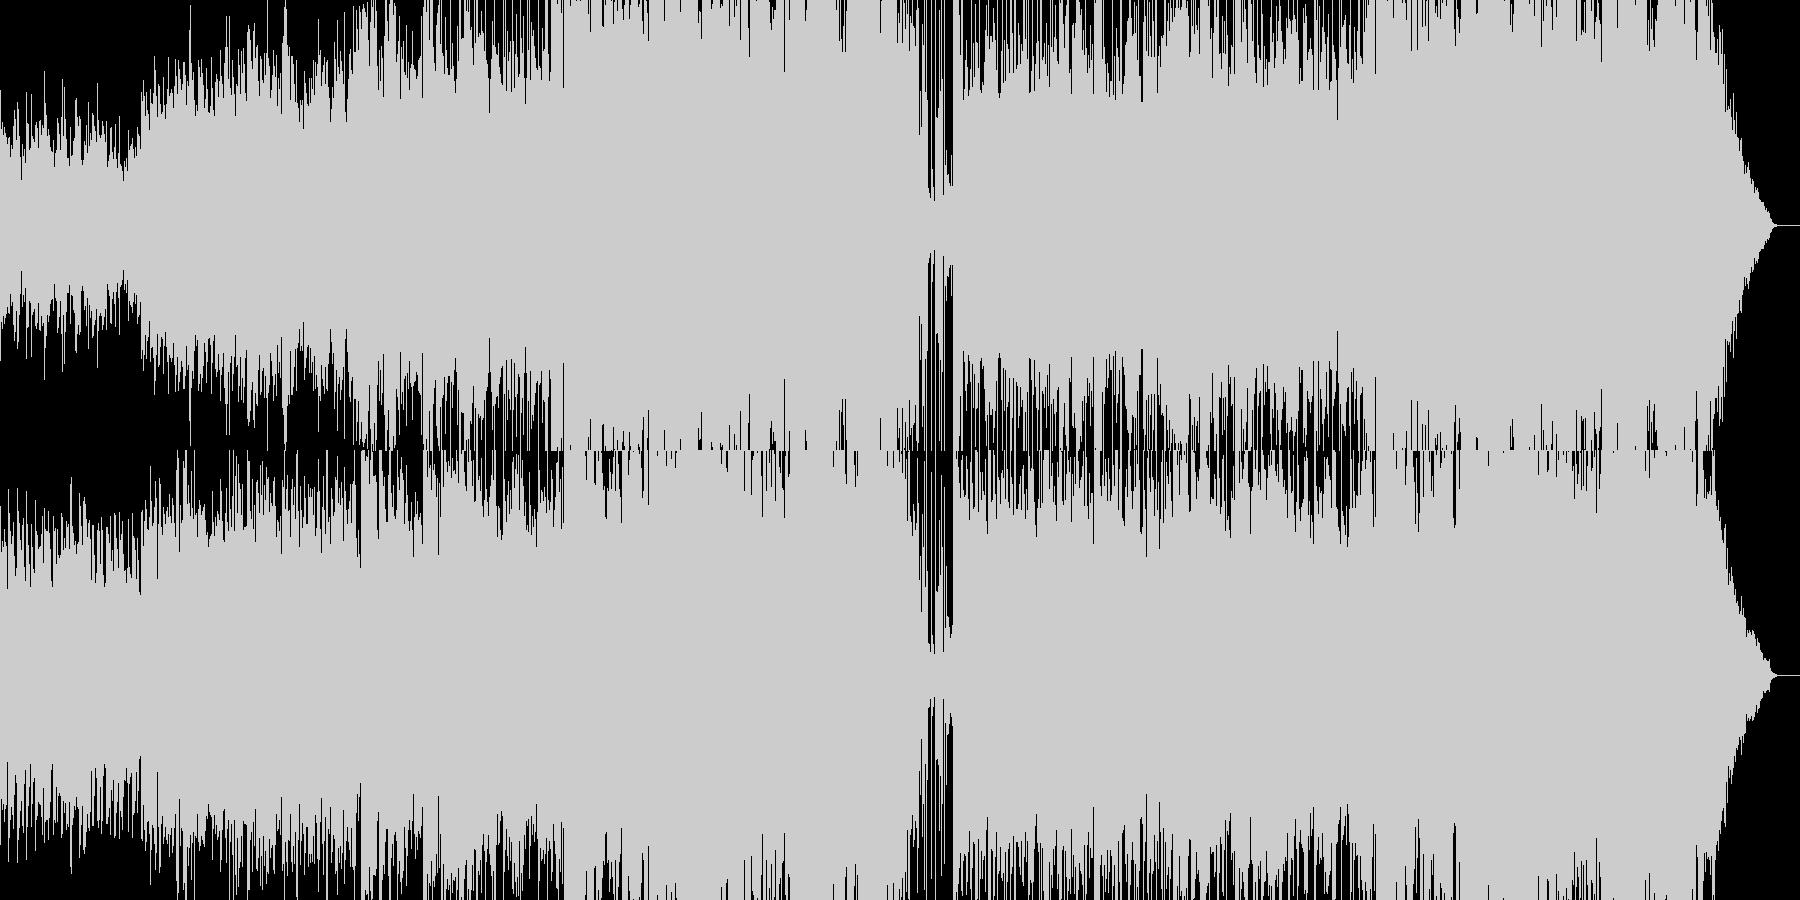 木管主旋律の短調バラードの未再生の波形